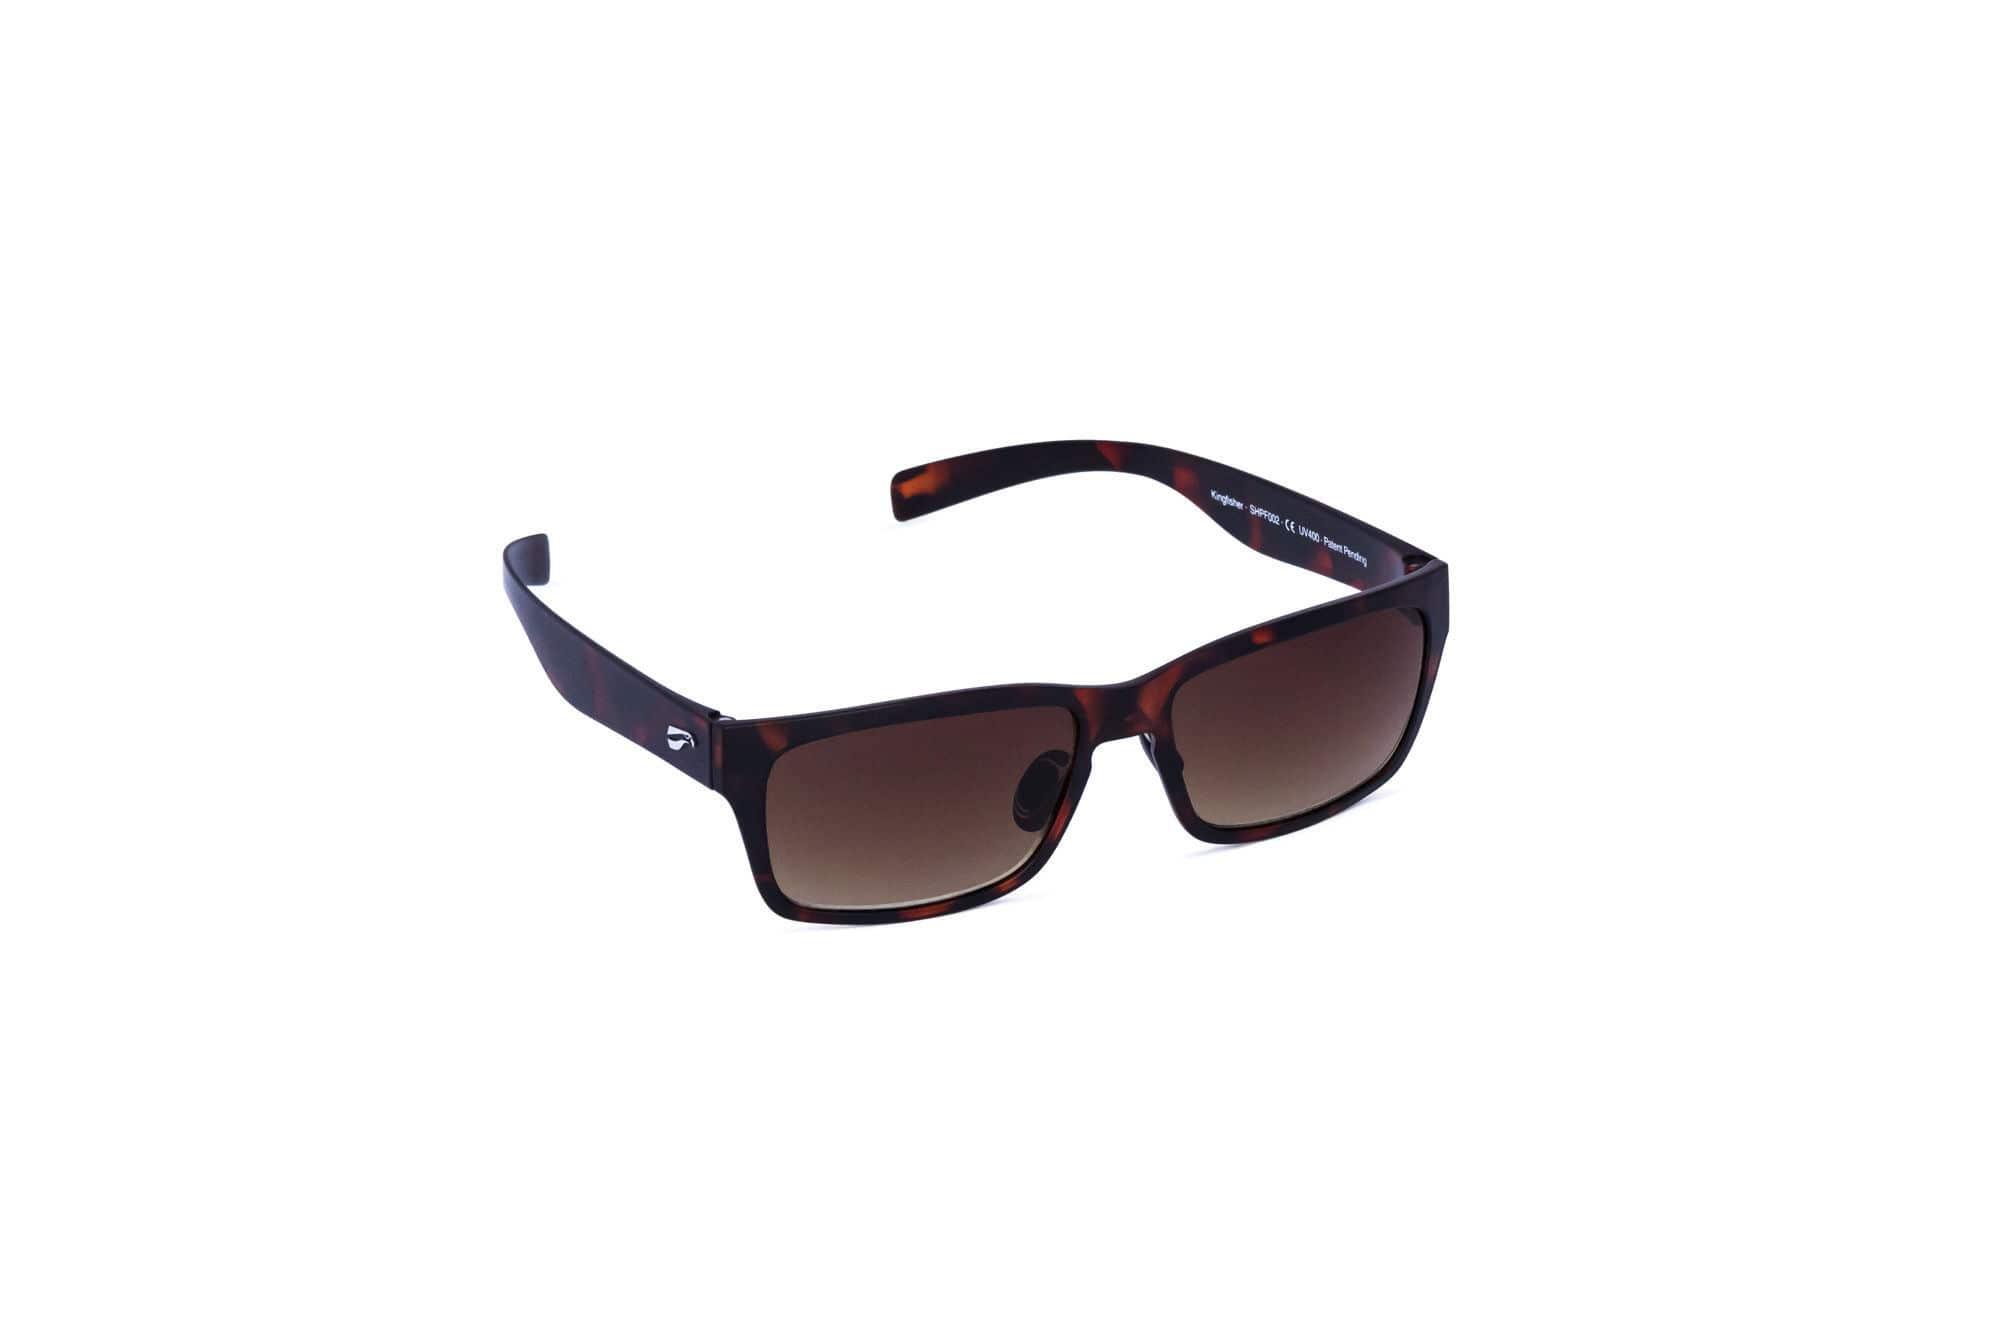 a basso prezzo 39ecb 97ce2 Occhiali da sole / per pilota / con lenti polarizzate / con ...